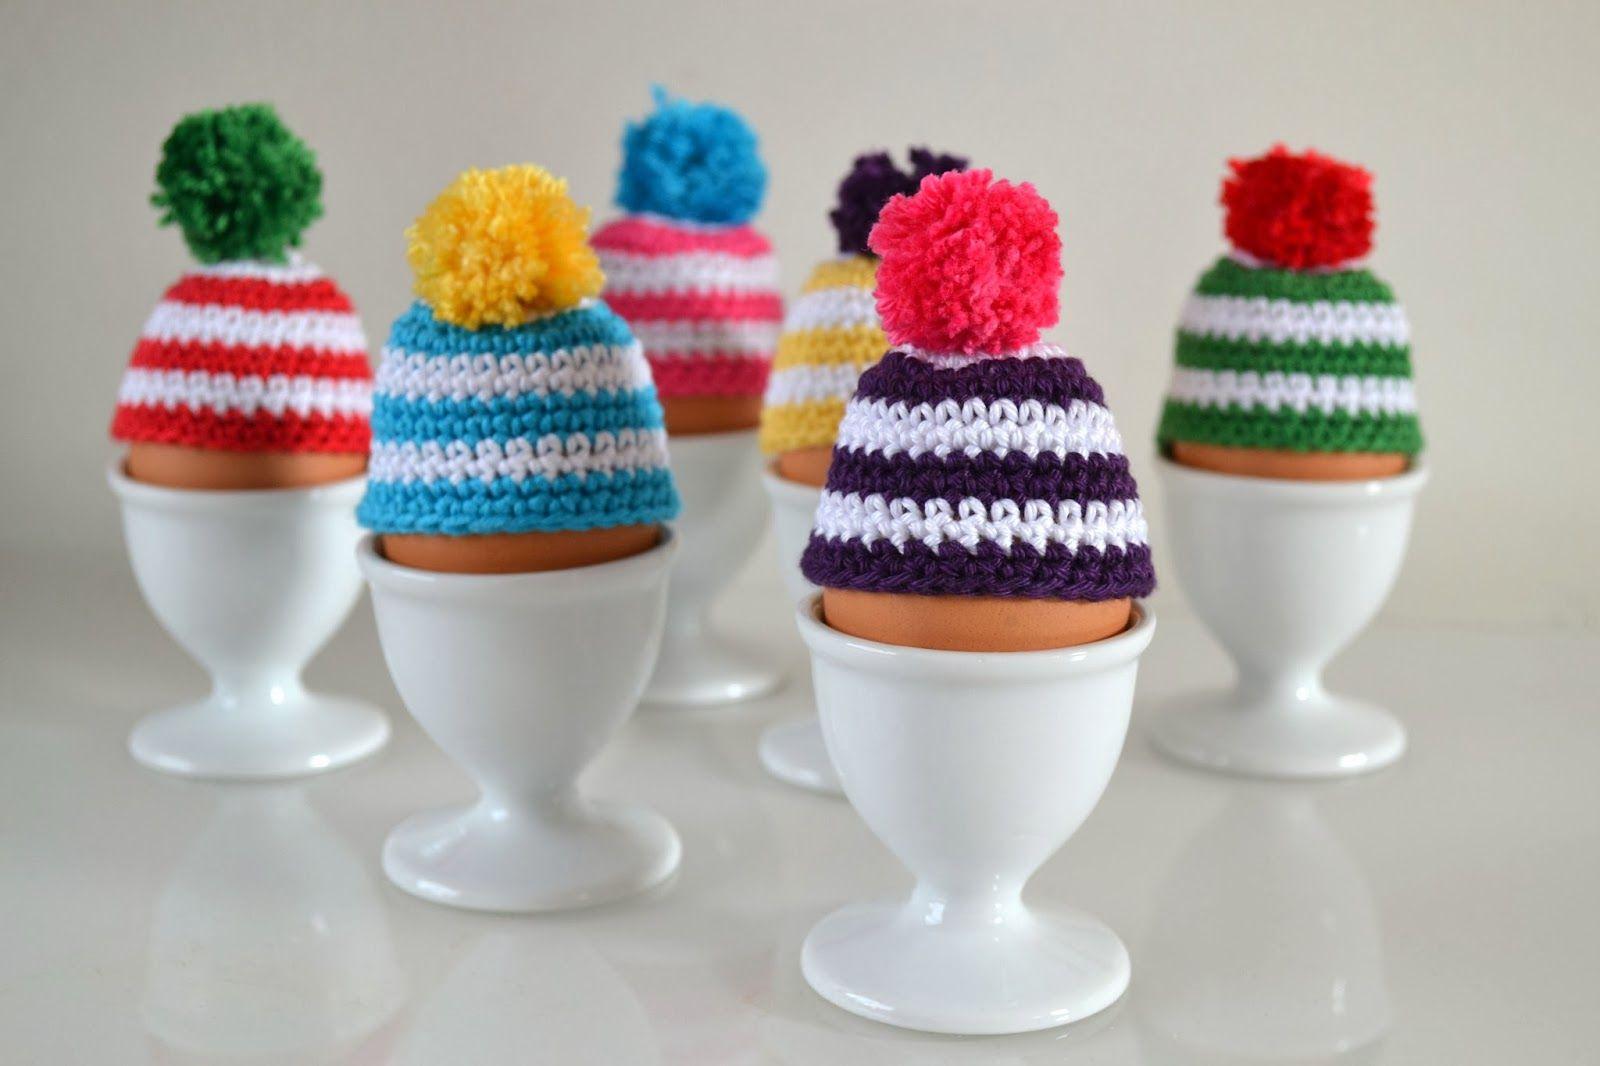 Babbebora Eiermutsen Haken Patroon Make It Crochet